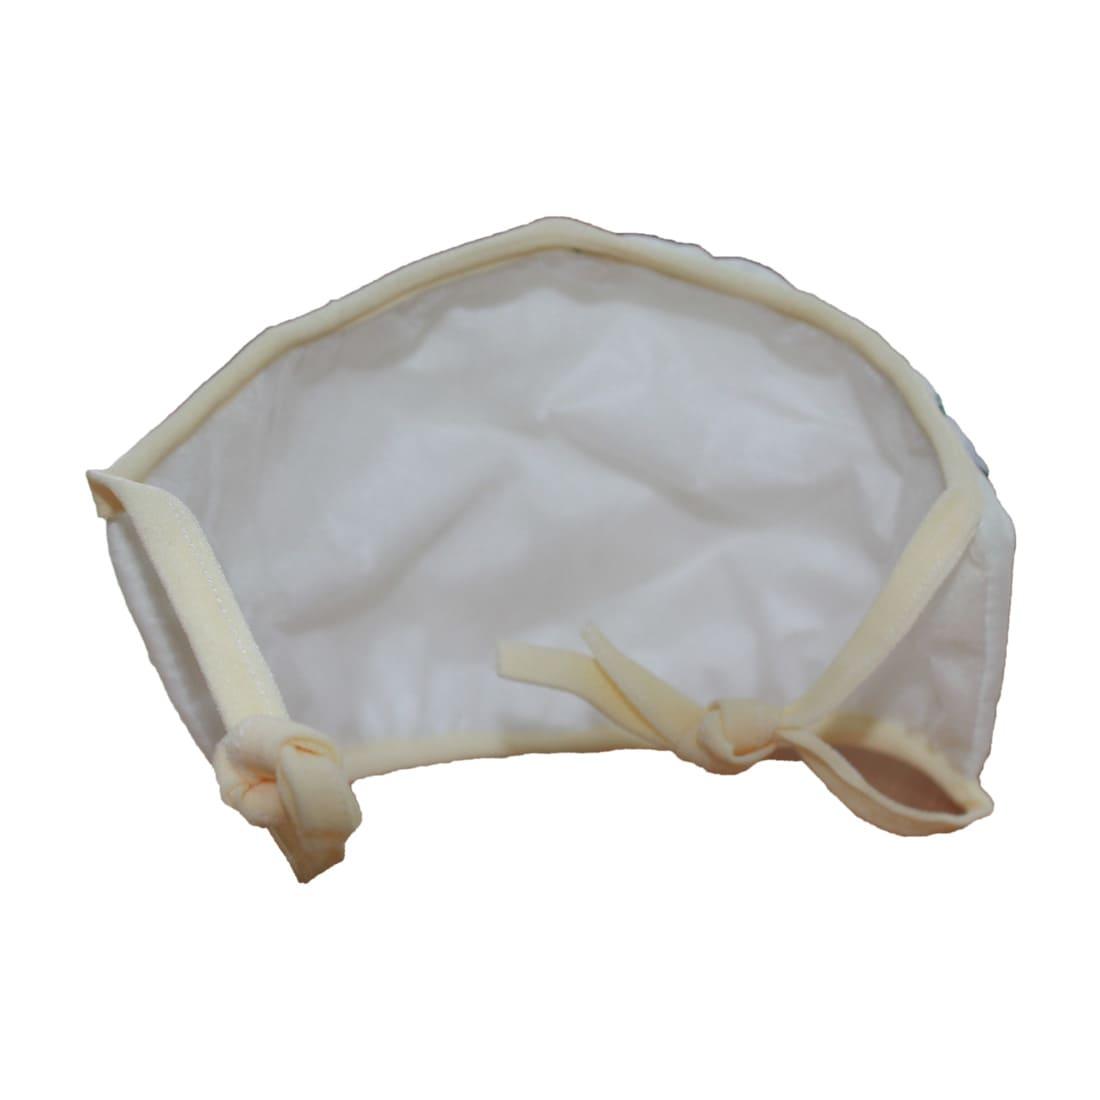 Маска защитная EcoSapiens трёхслойная многоразовая, 15 шт. в наборе, белая